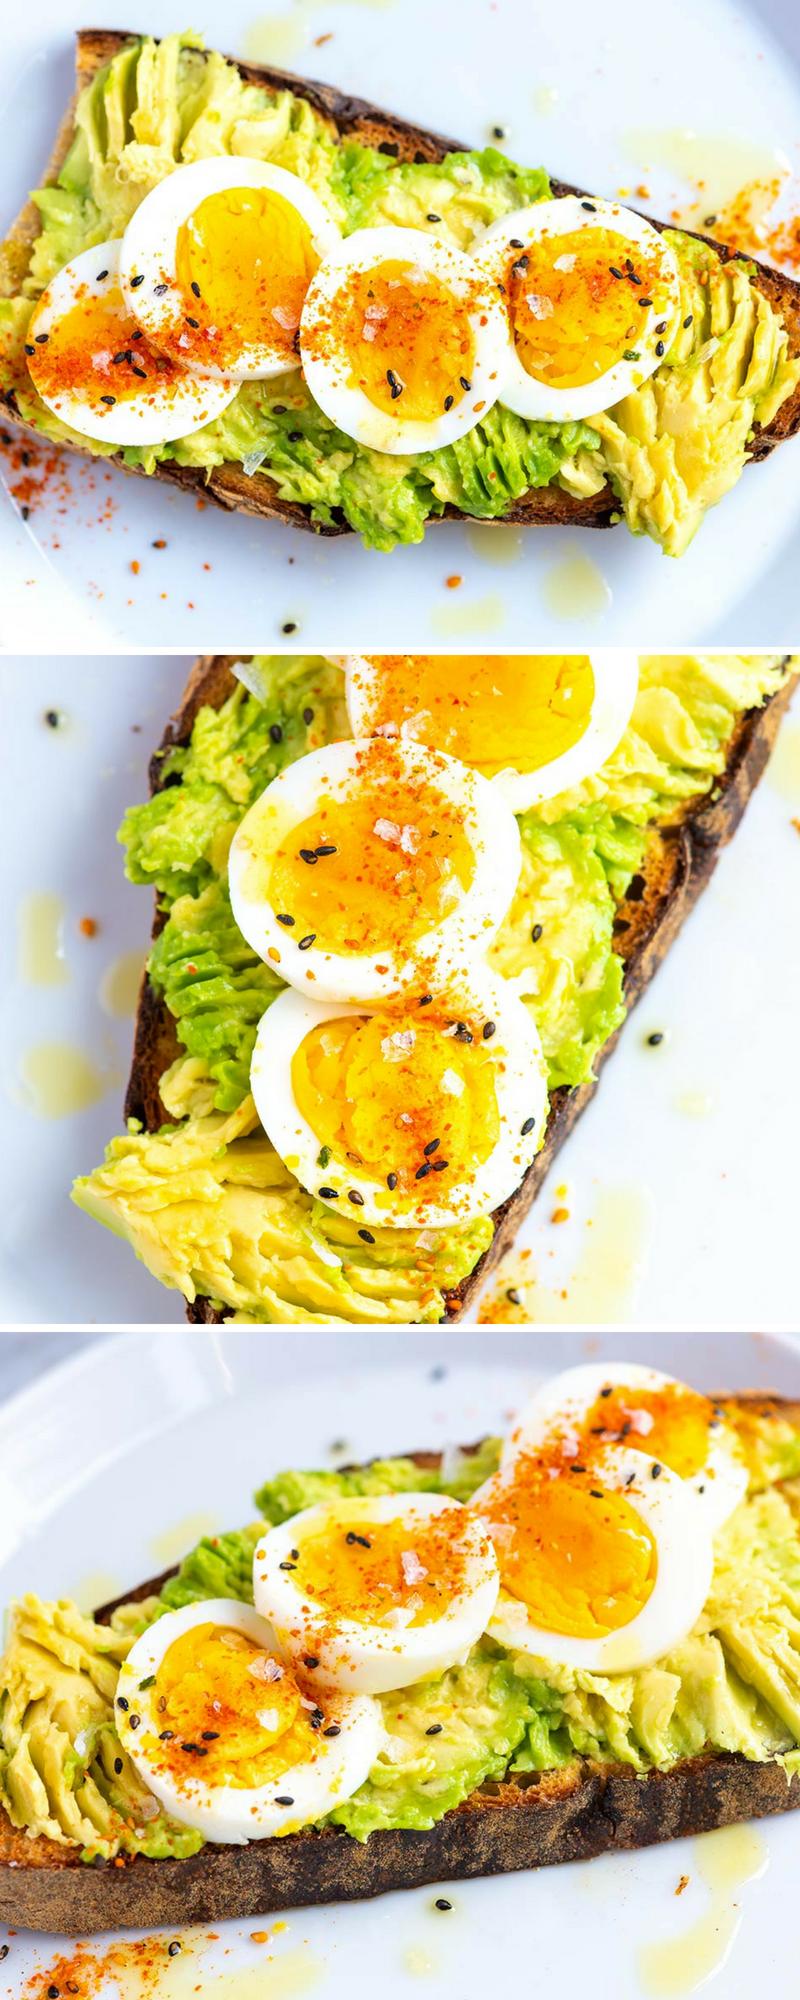 Smashed Avocado Toast with Egg